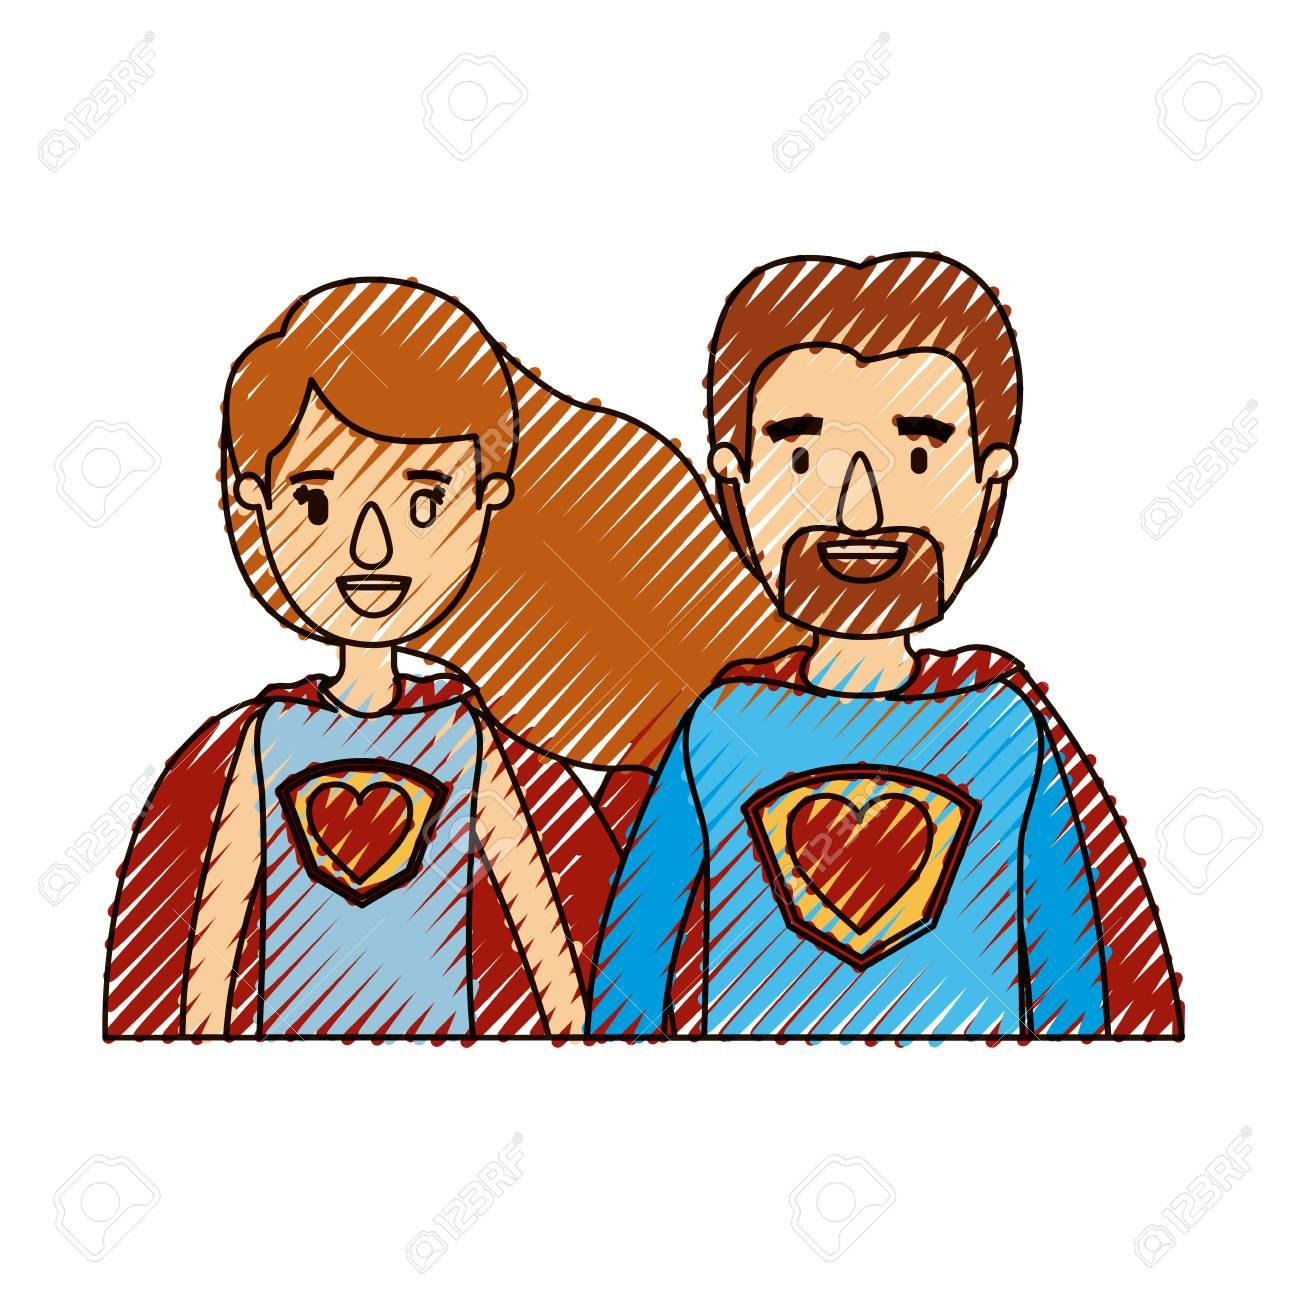 Coppia di colori pastello striscia caricatura metà corpo coppia super eroe con il simbolo del cuore in uniforme illustrazione vettoriale